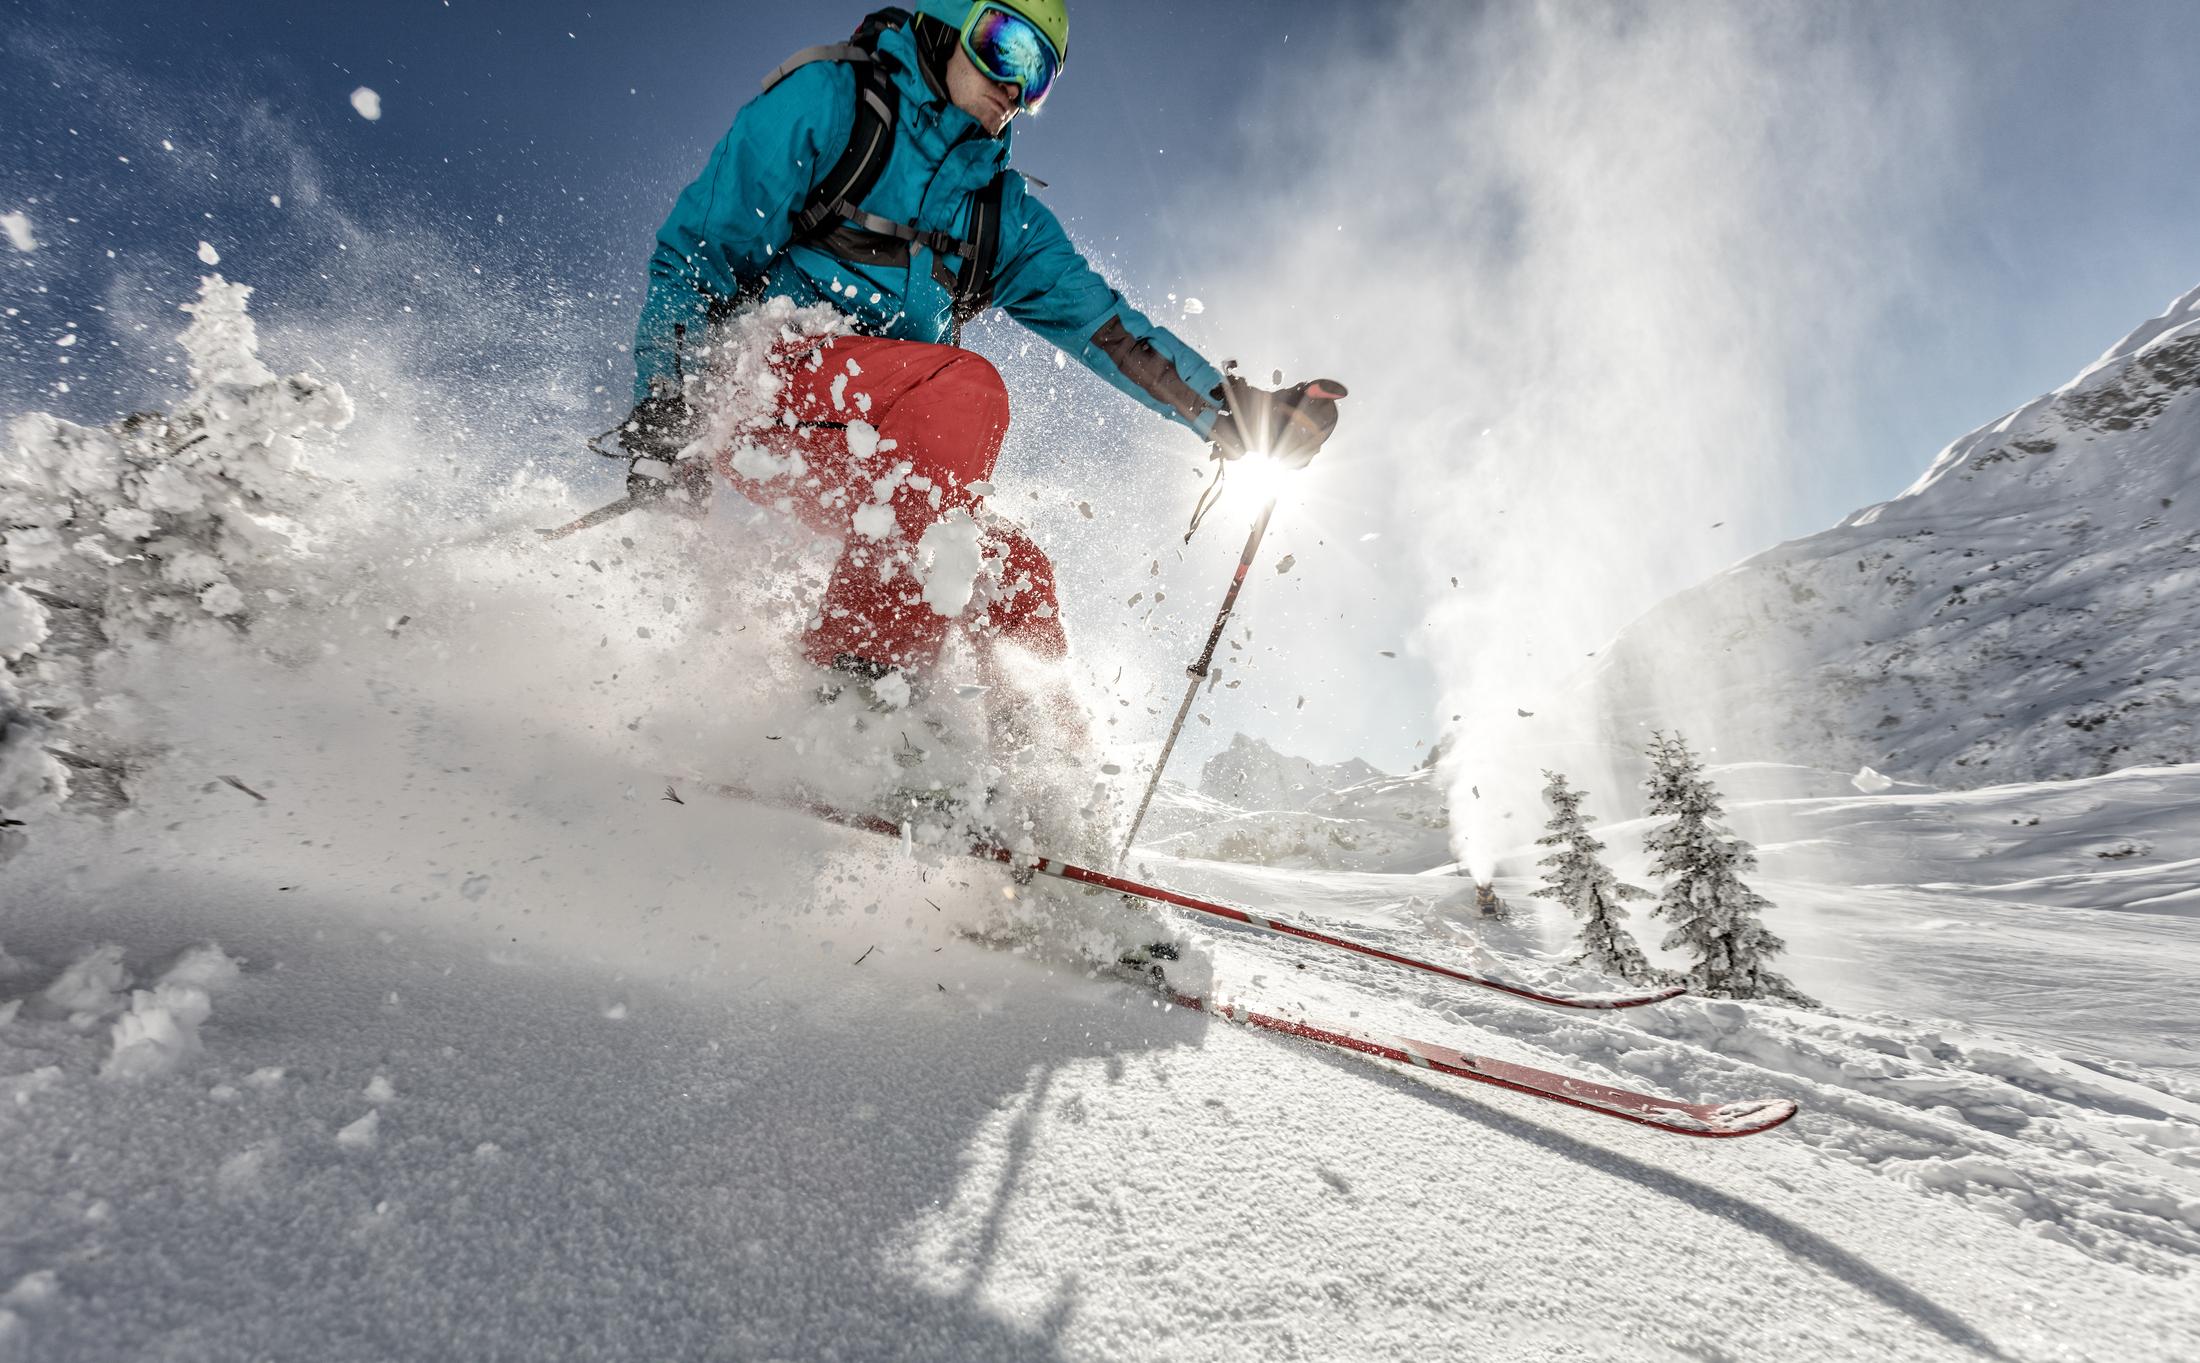 ¿Dónde esquiar en diciembre? ¡Tenemos lo que buscas!